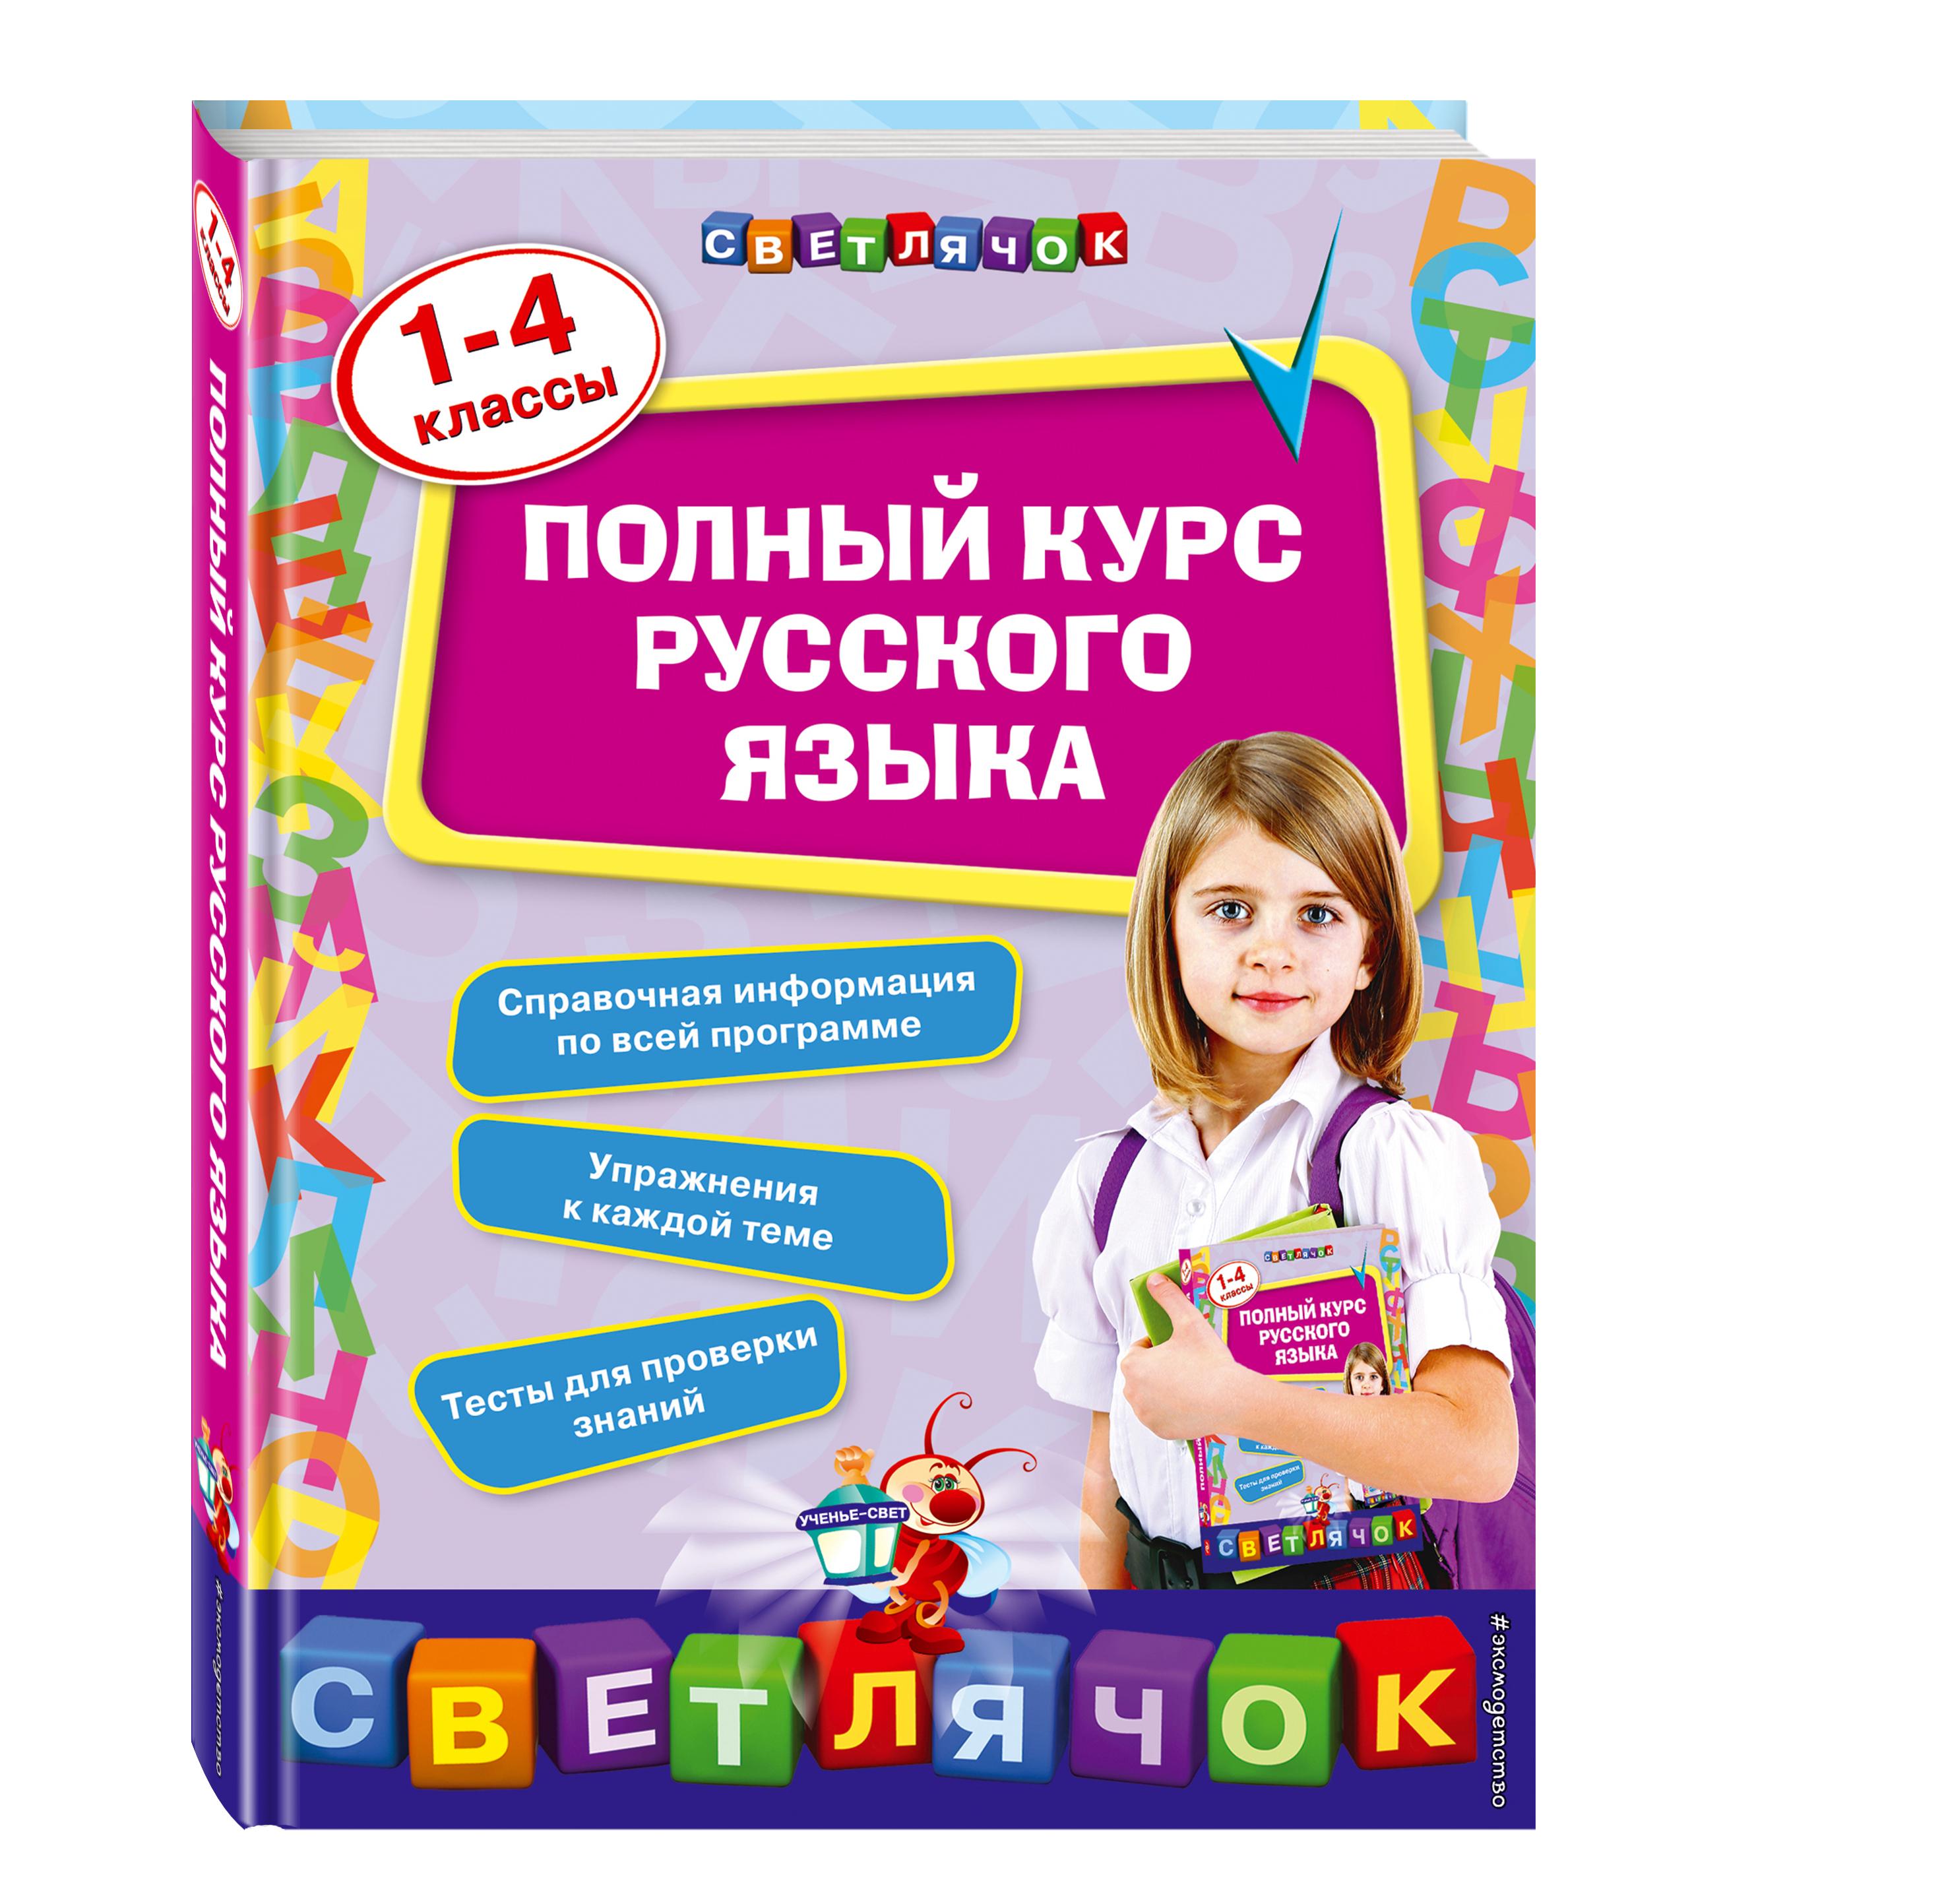 Полный курс русского языка: 1-4 классы